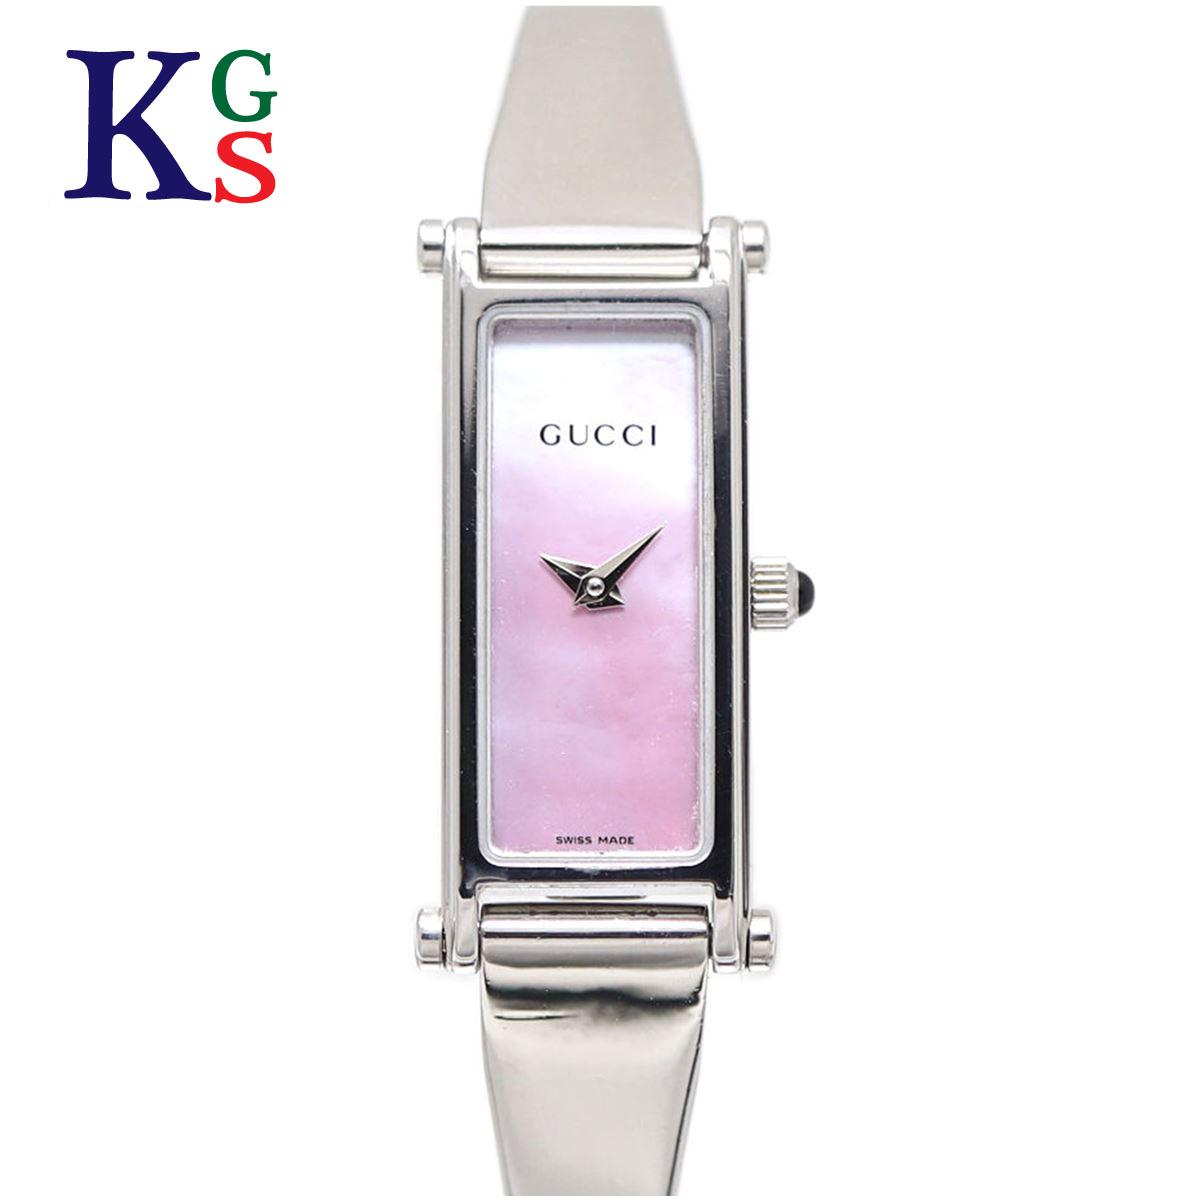 【ギフトランク】グッチ/GUCCI レディース 腕時計 バングルウォッチ シルバー×シルバー文字盤 ステンレススチール 1500L